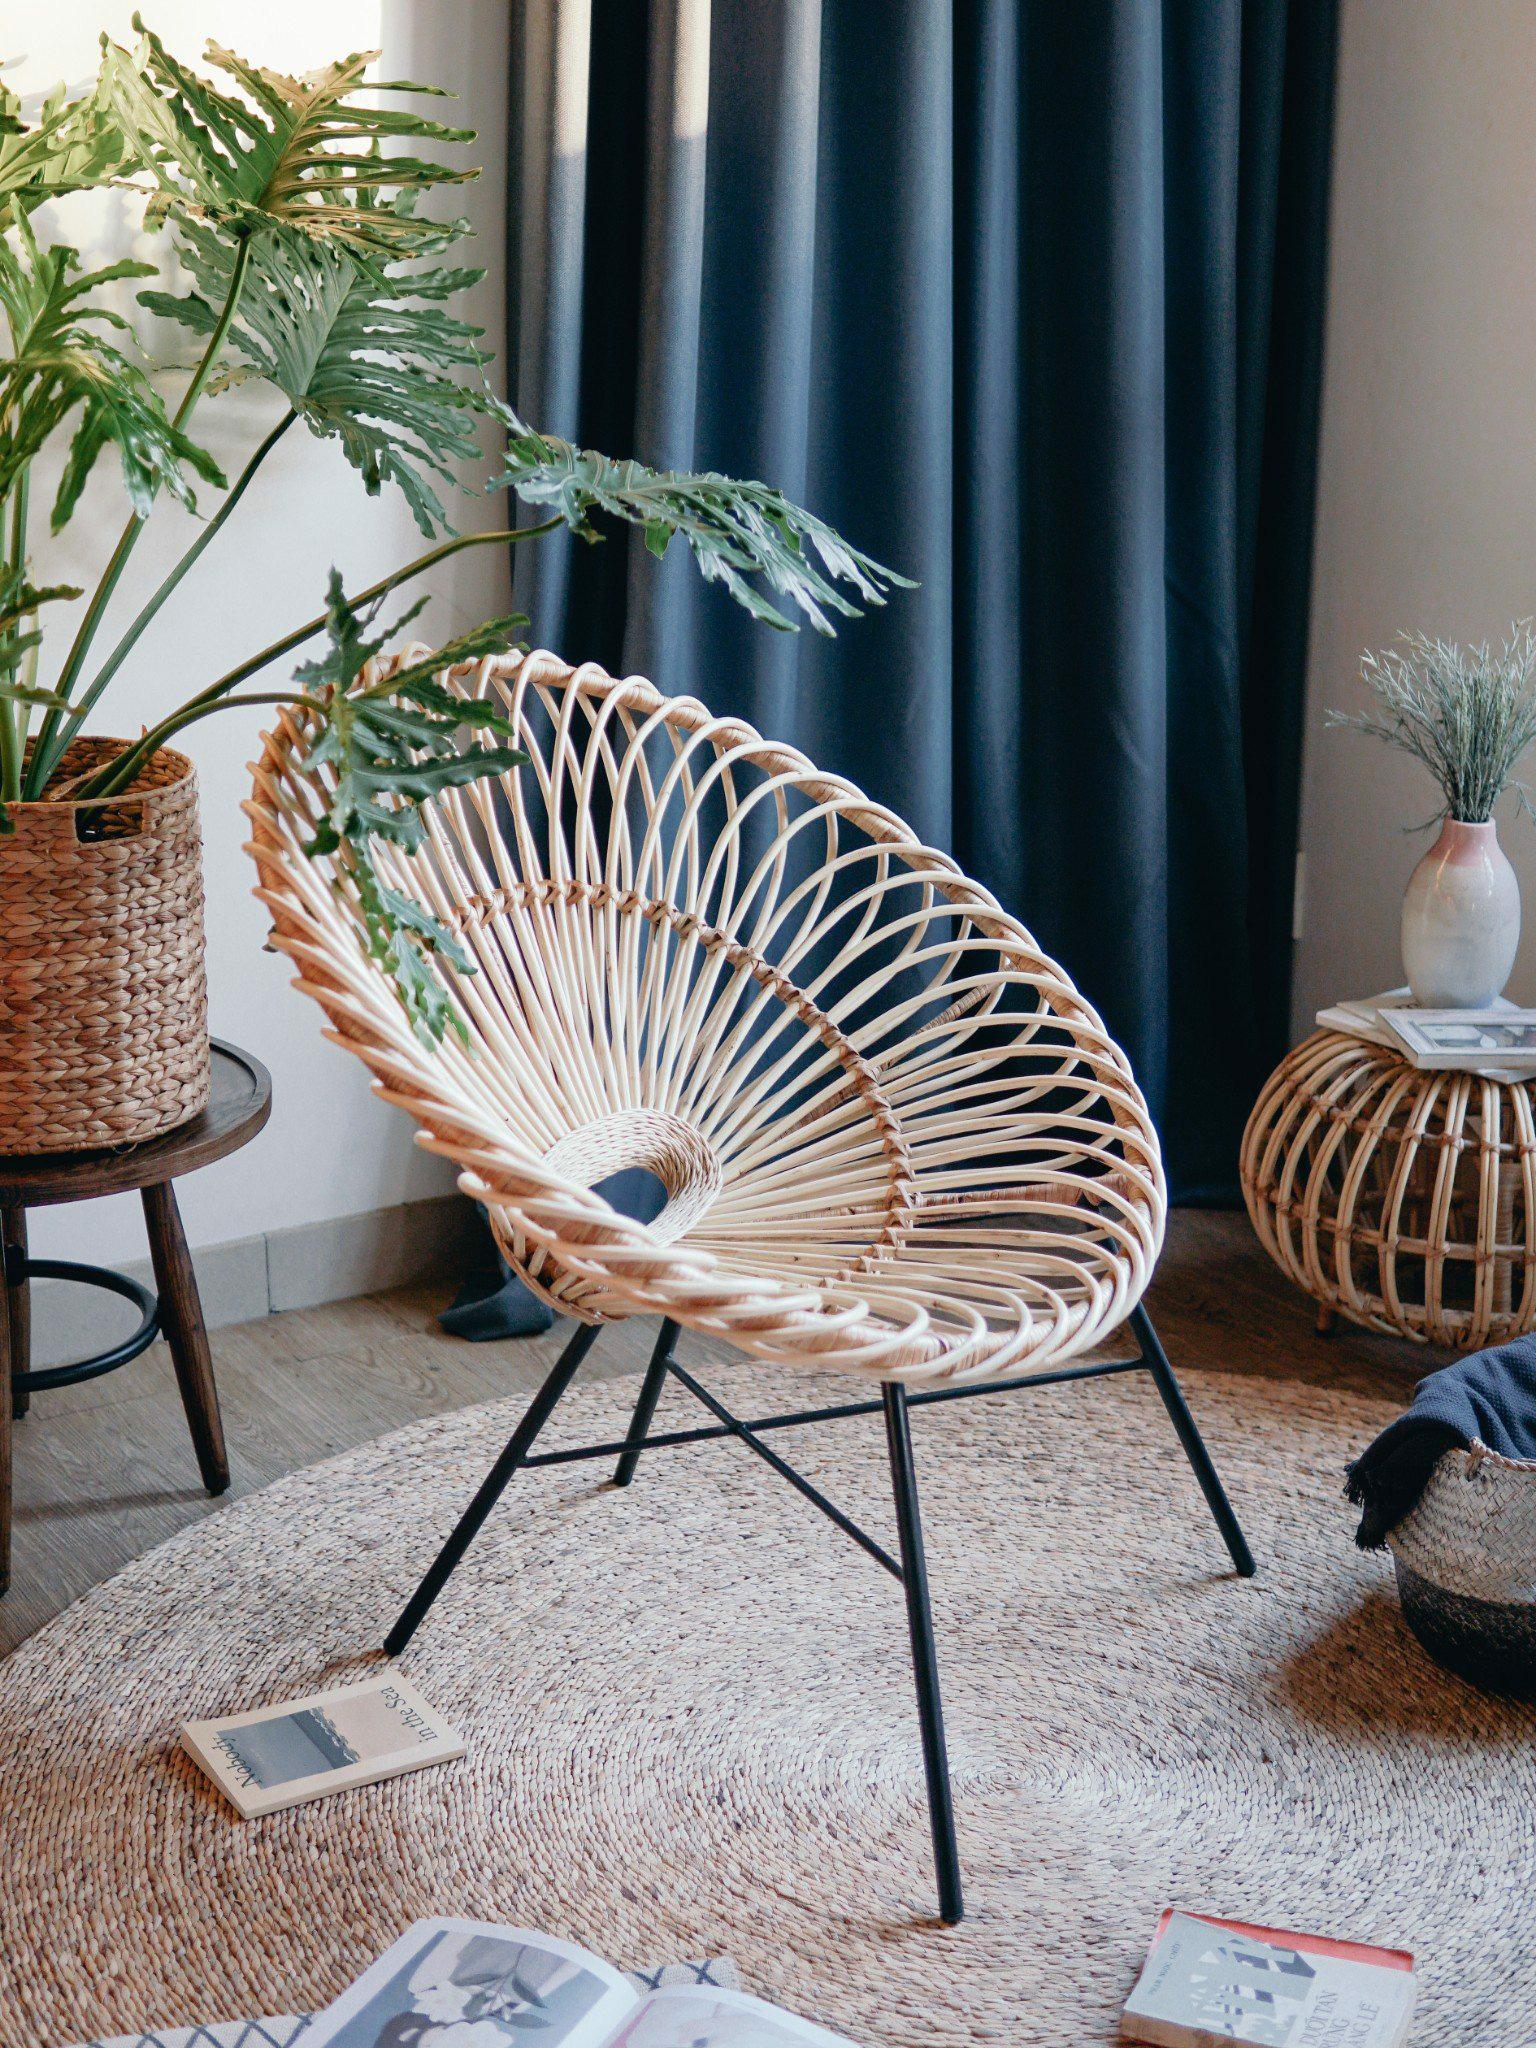 7 mẫu ghế xinh xẻo vừa decor nhà vừa làm đạo cụ để bạn sống ảo như Jennie - Ảnh 6.